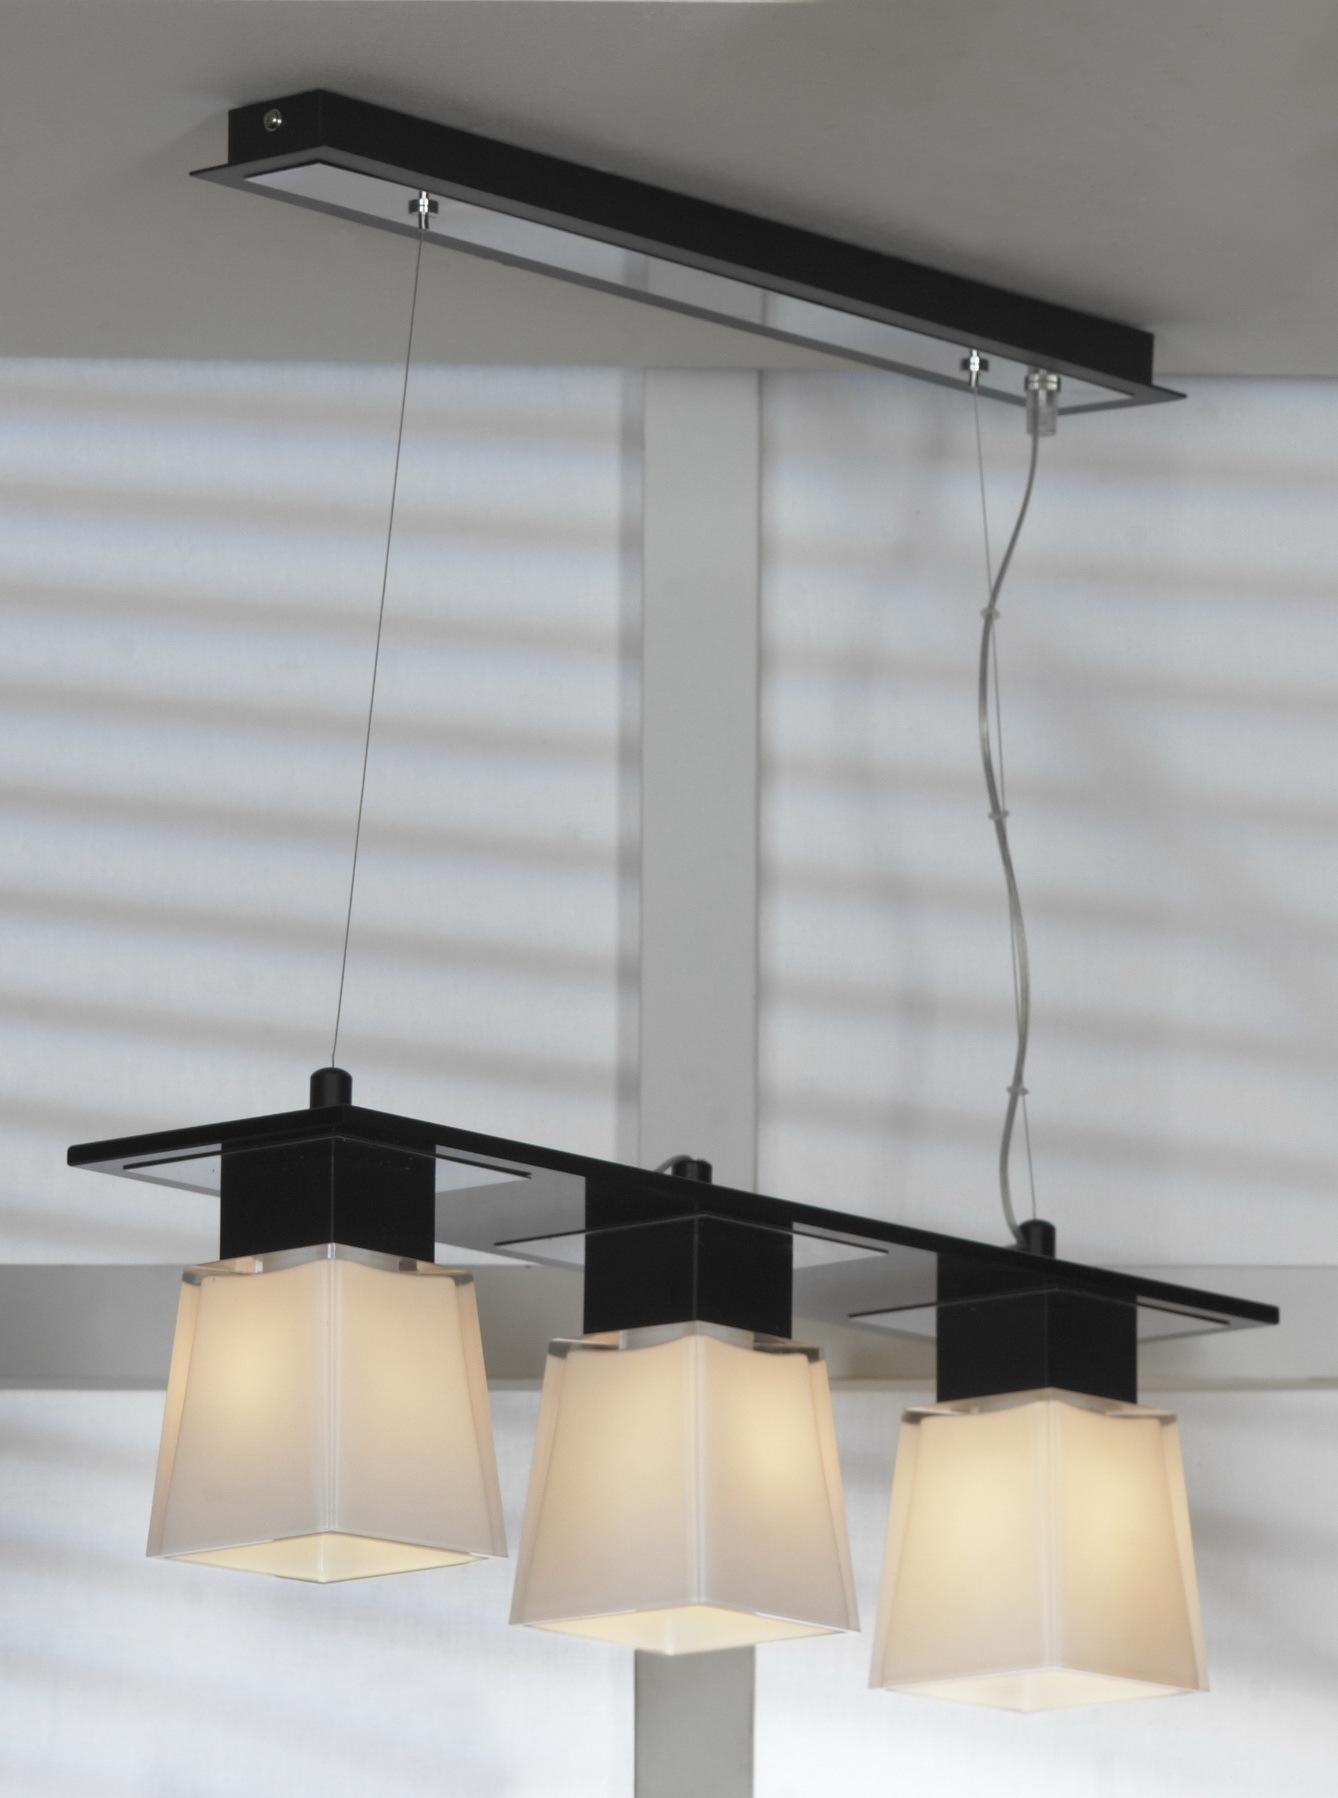 Подвесной светильник Lussole Loft Lente LSC-2503-03, IP21, 3xE14x40W, черный, белый, металл, стекло - фото 2